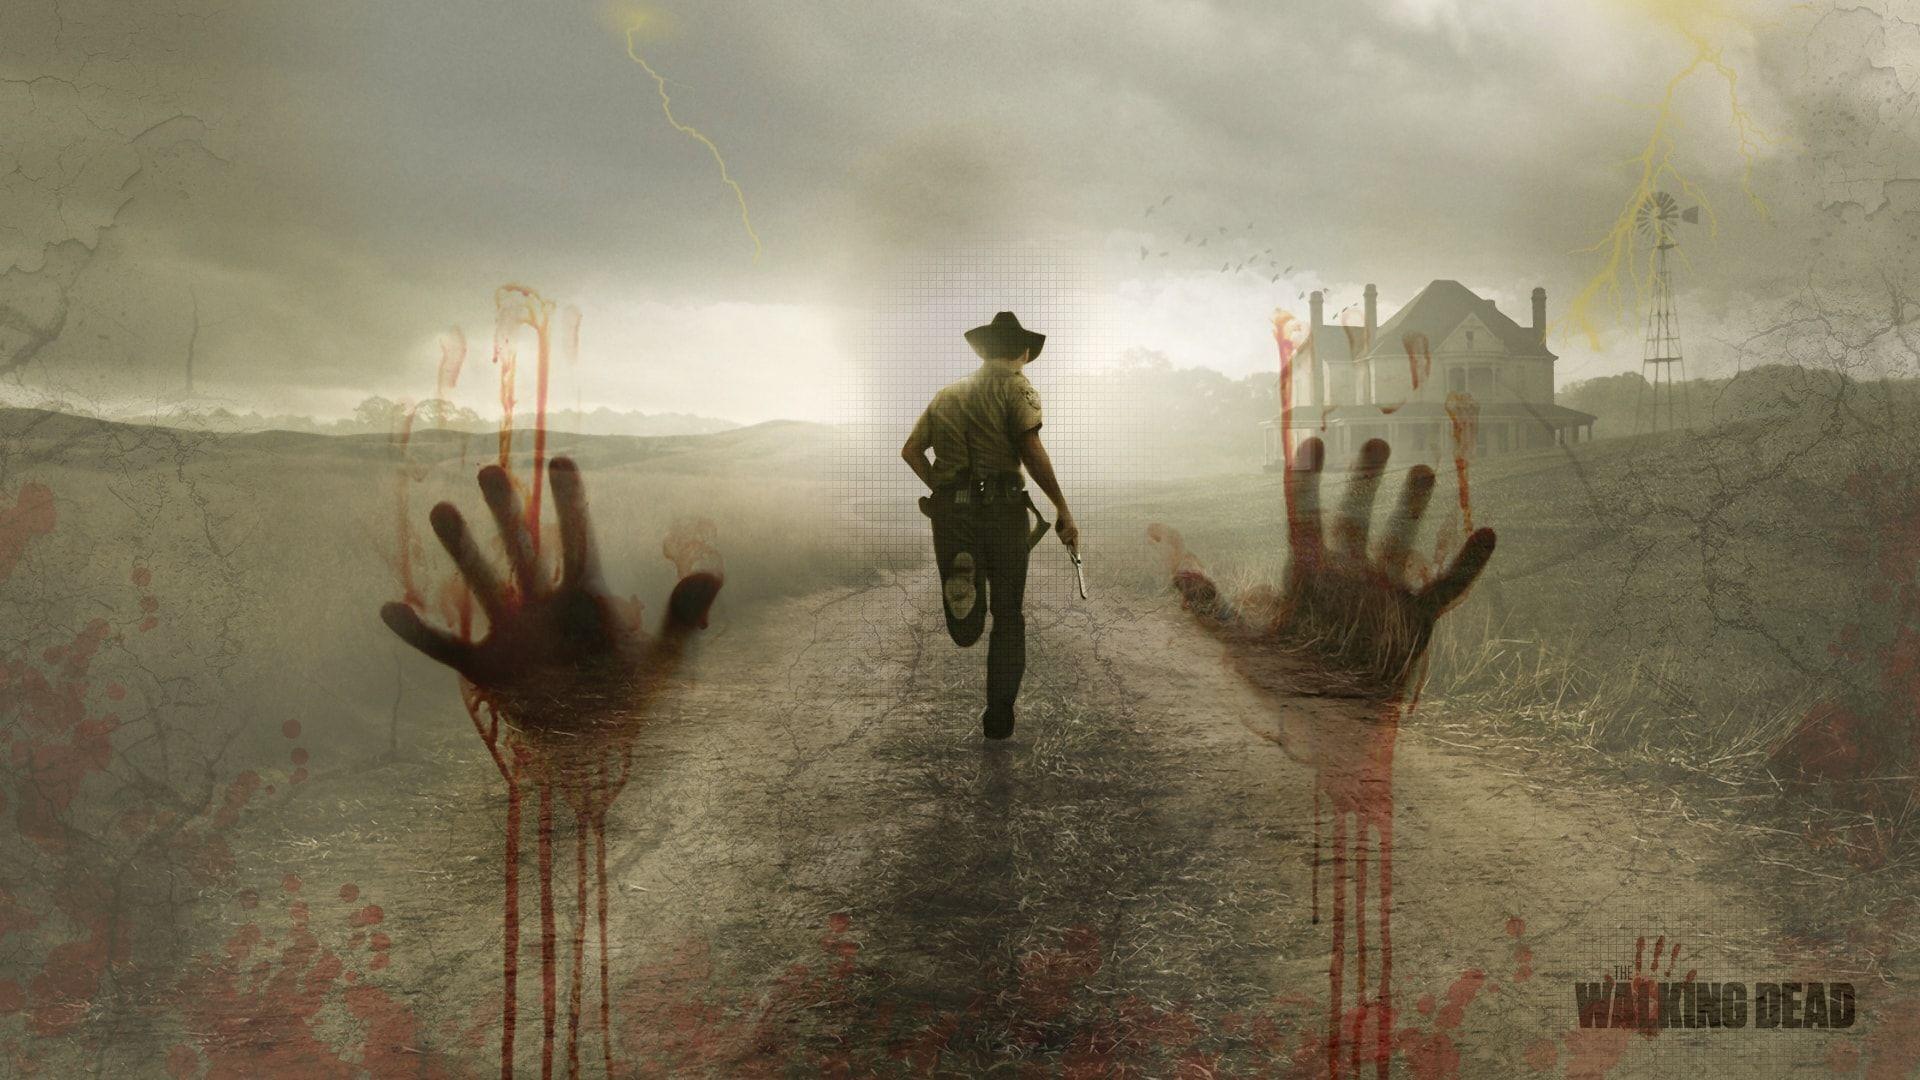 Twd Wallpaper Walking Dead Wallpaper The Walking Dead Fear The Walking Dead